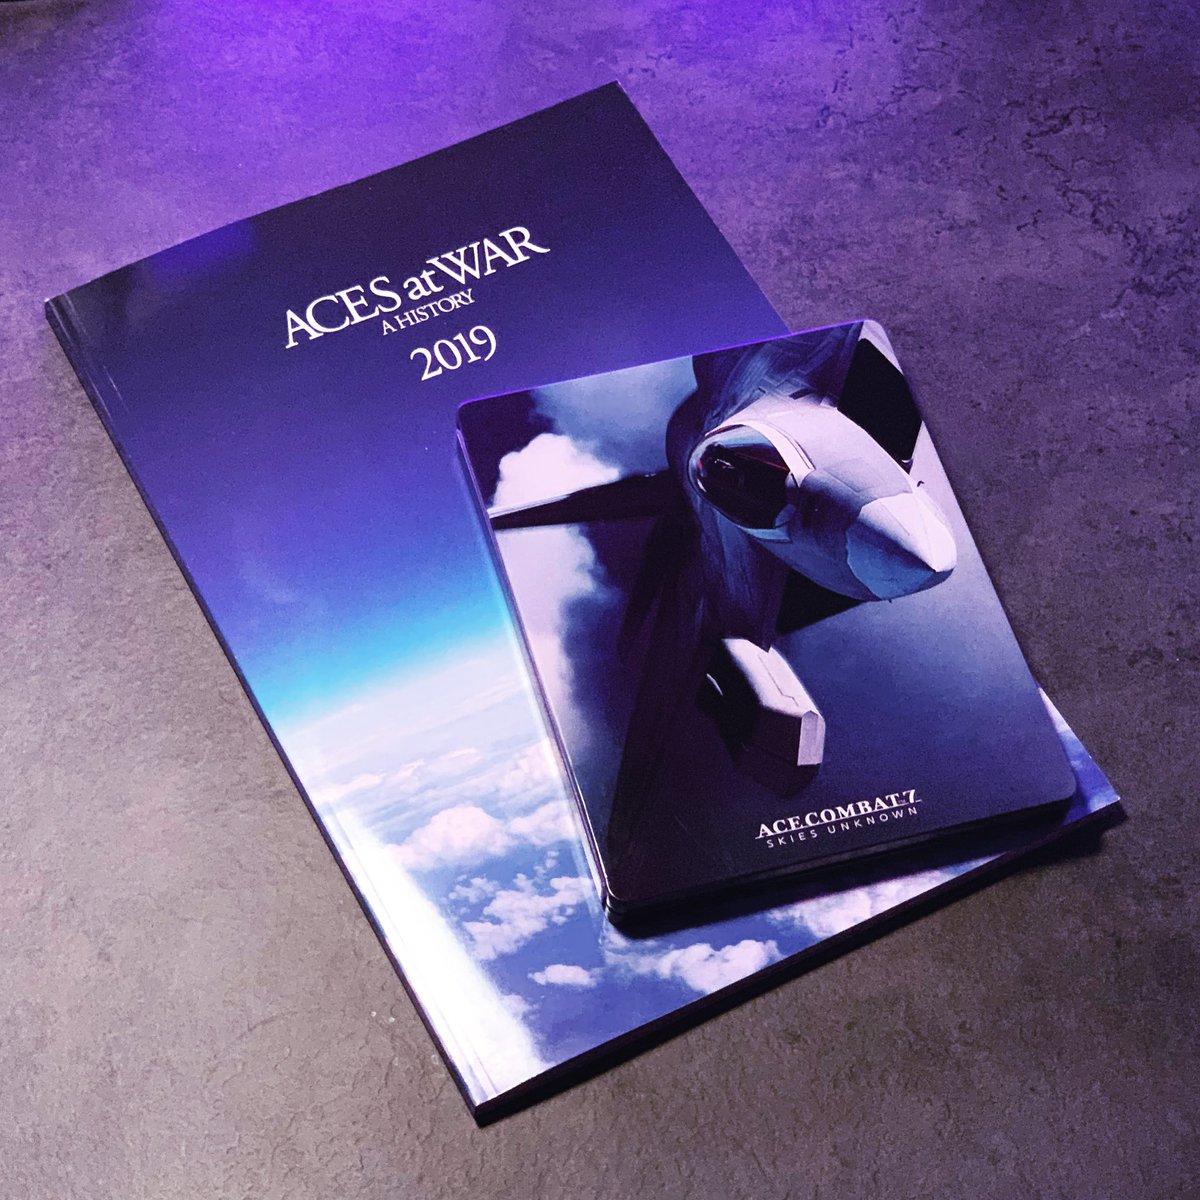 Steelbook et Artbook de Ace Combat 7